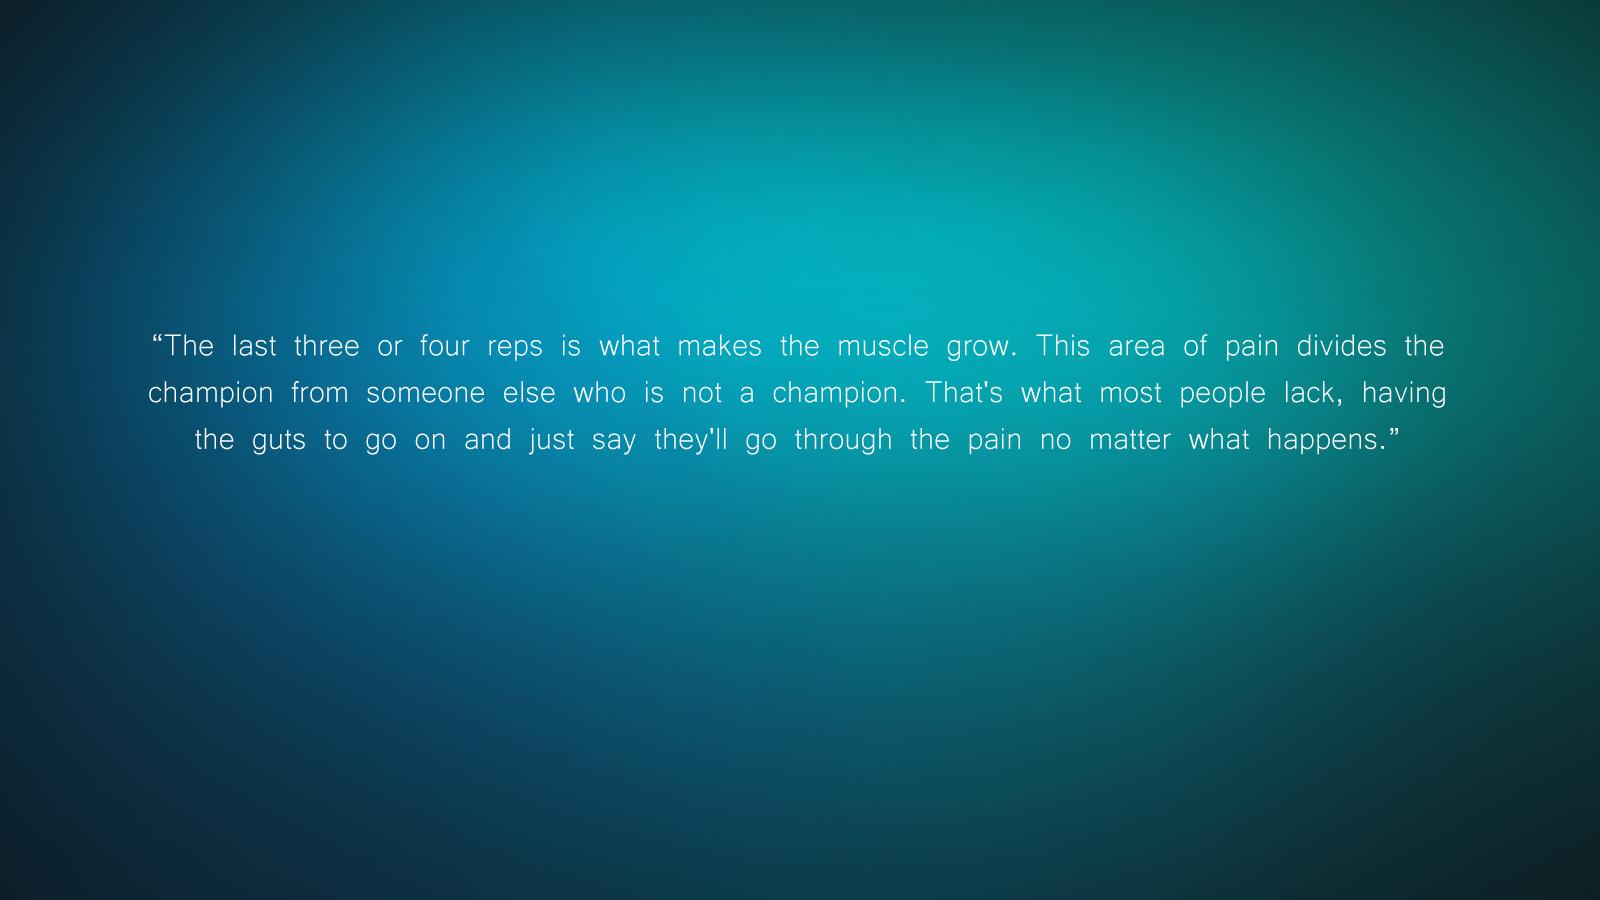 zen quote wallpapers - photo #35